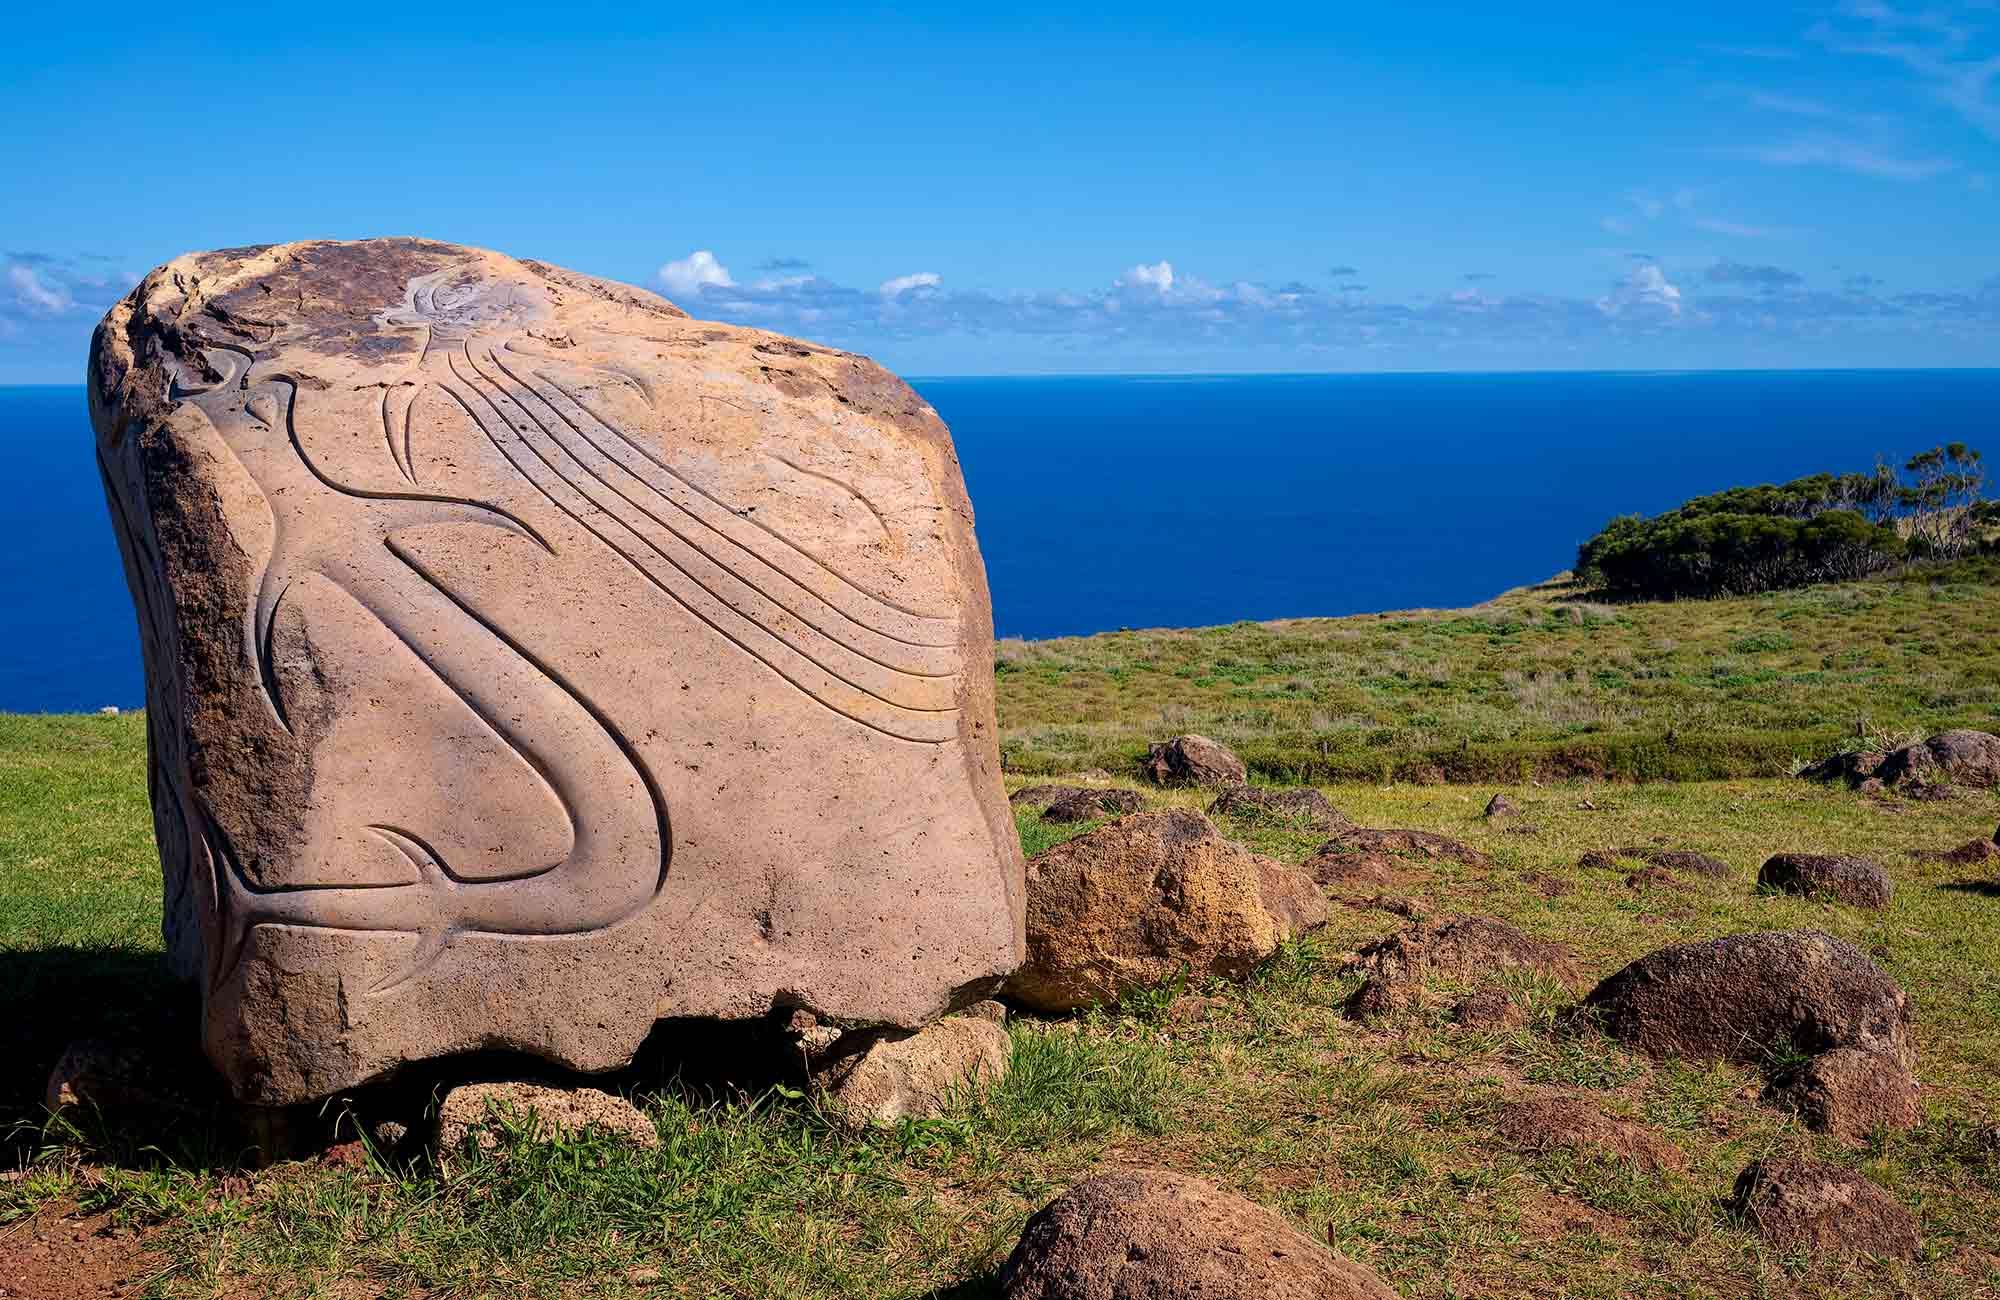 Voyage Chili - Orongo stèle Homme-Oiseau - Amplitudes